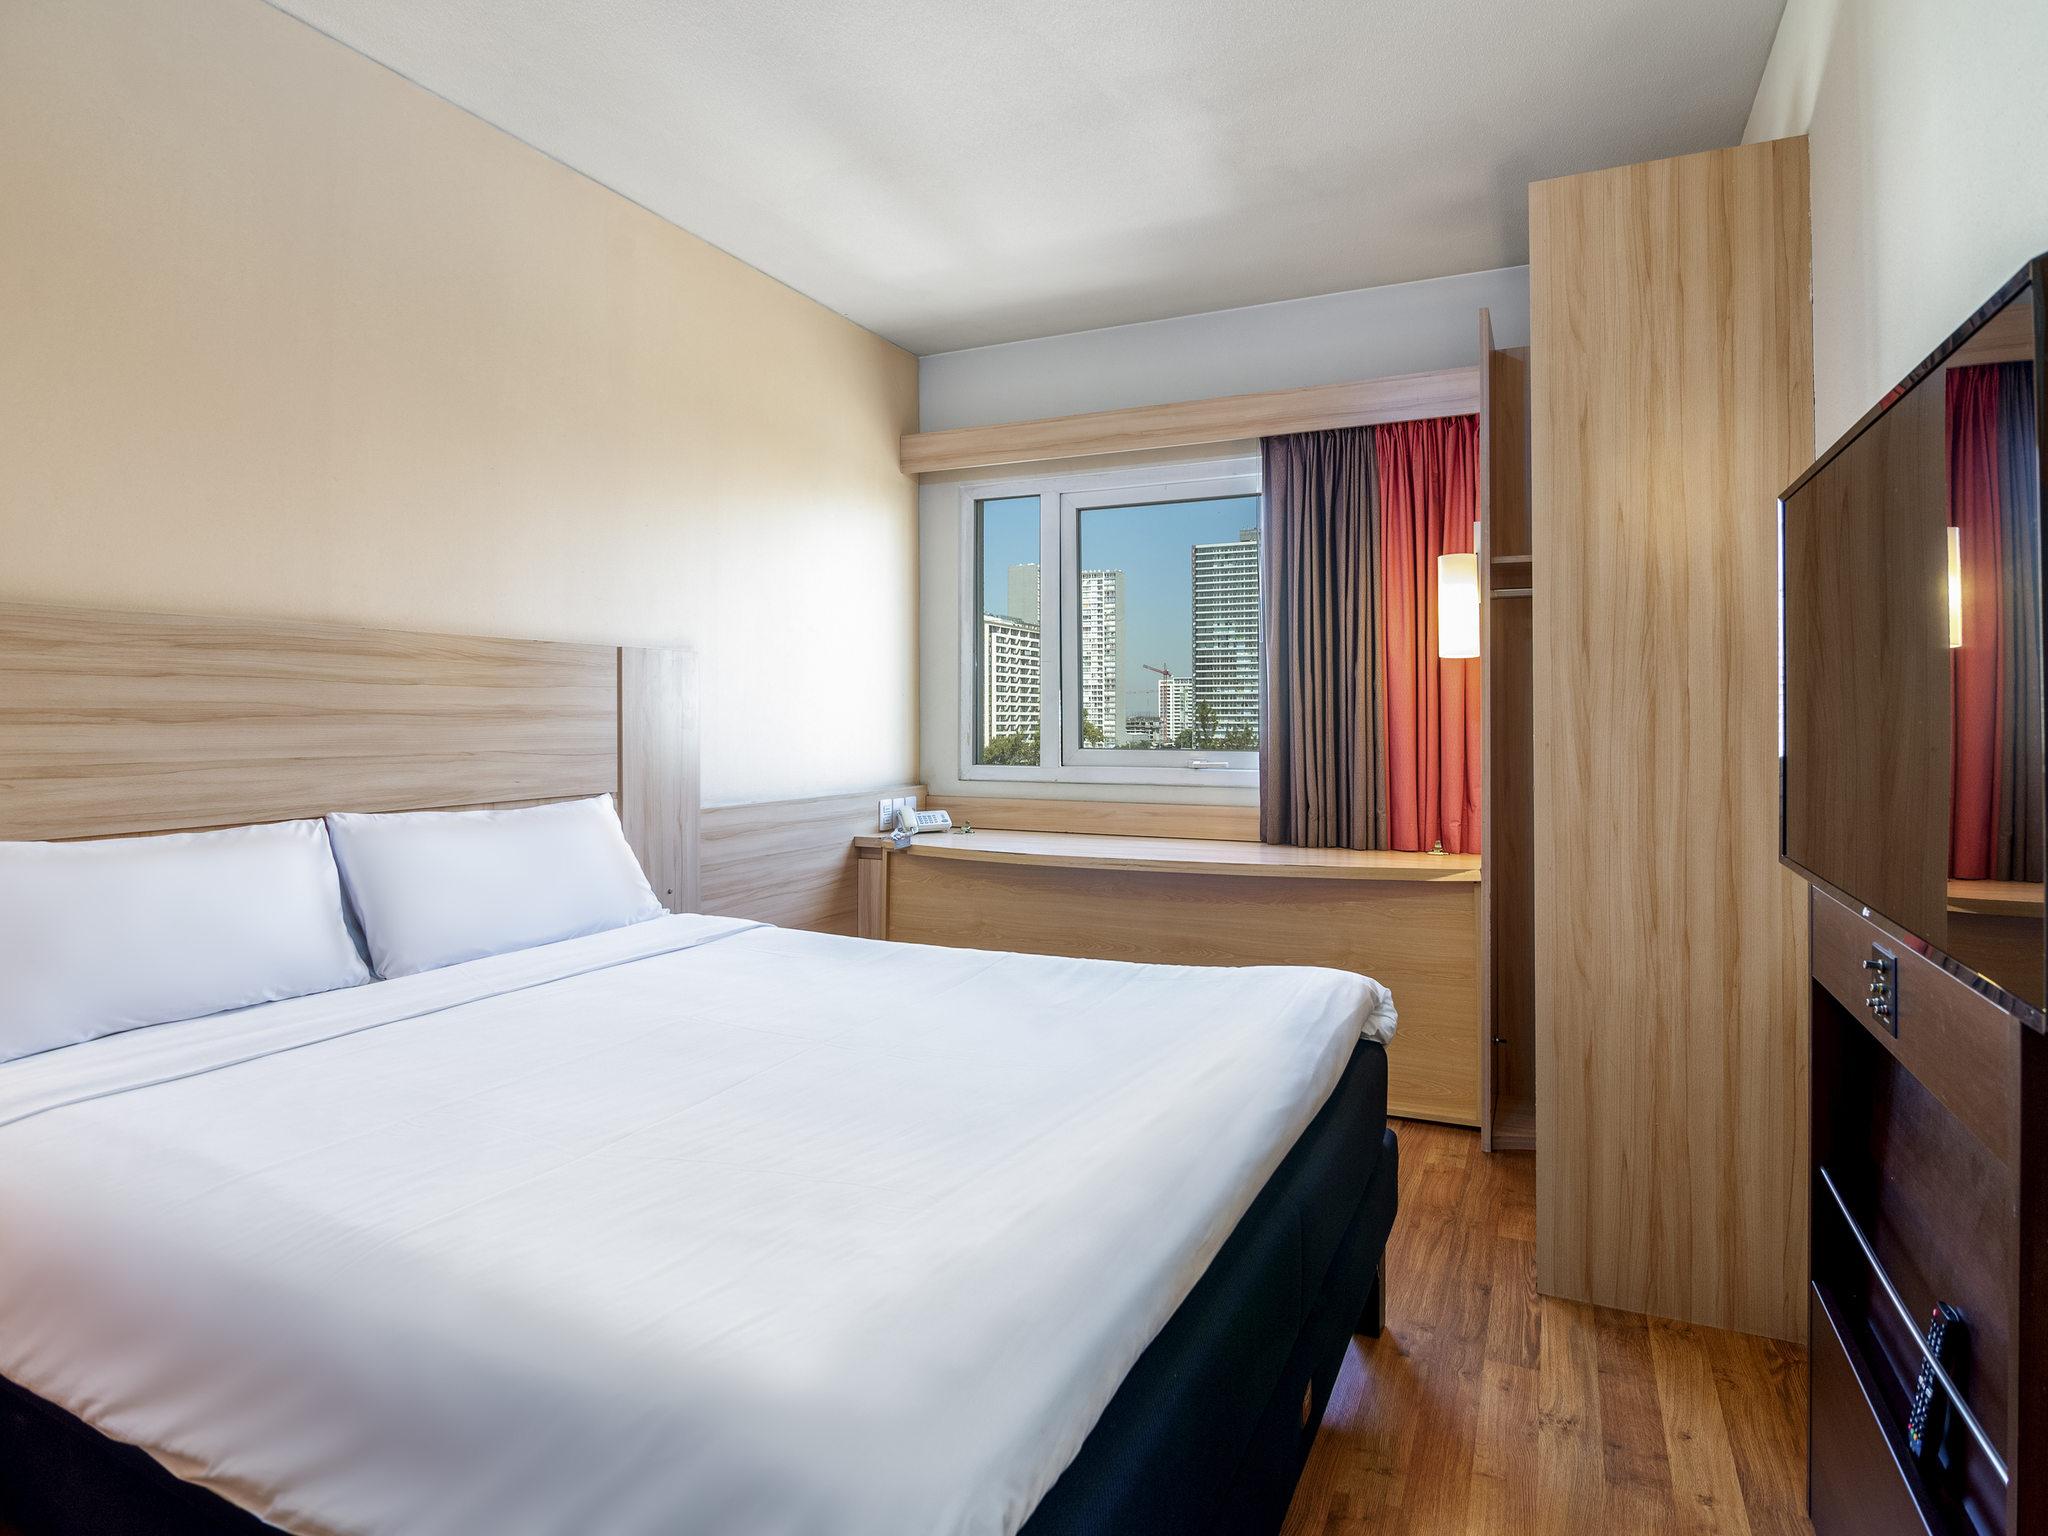 酒店 – 宜必思圣地亚哥中心火车站酒店